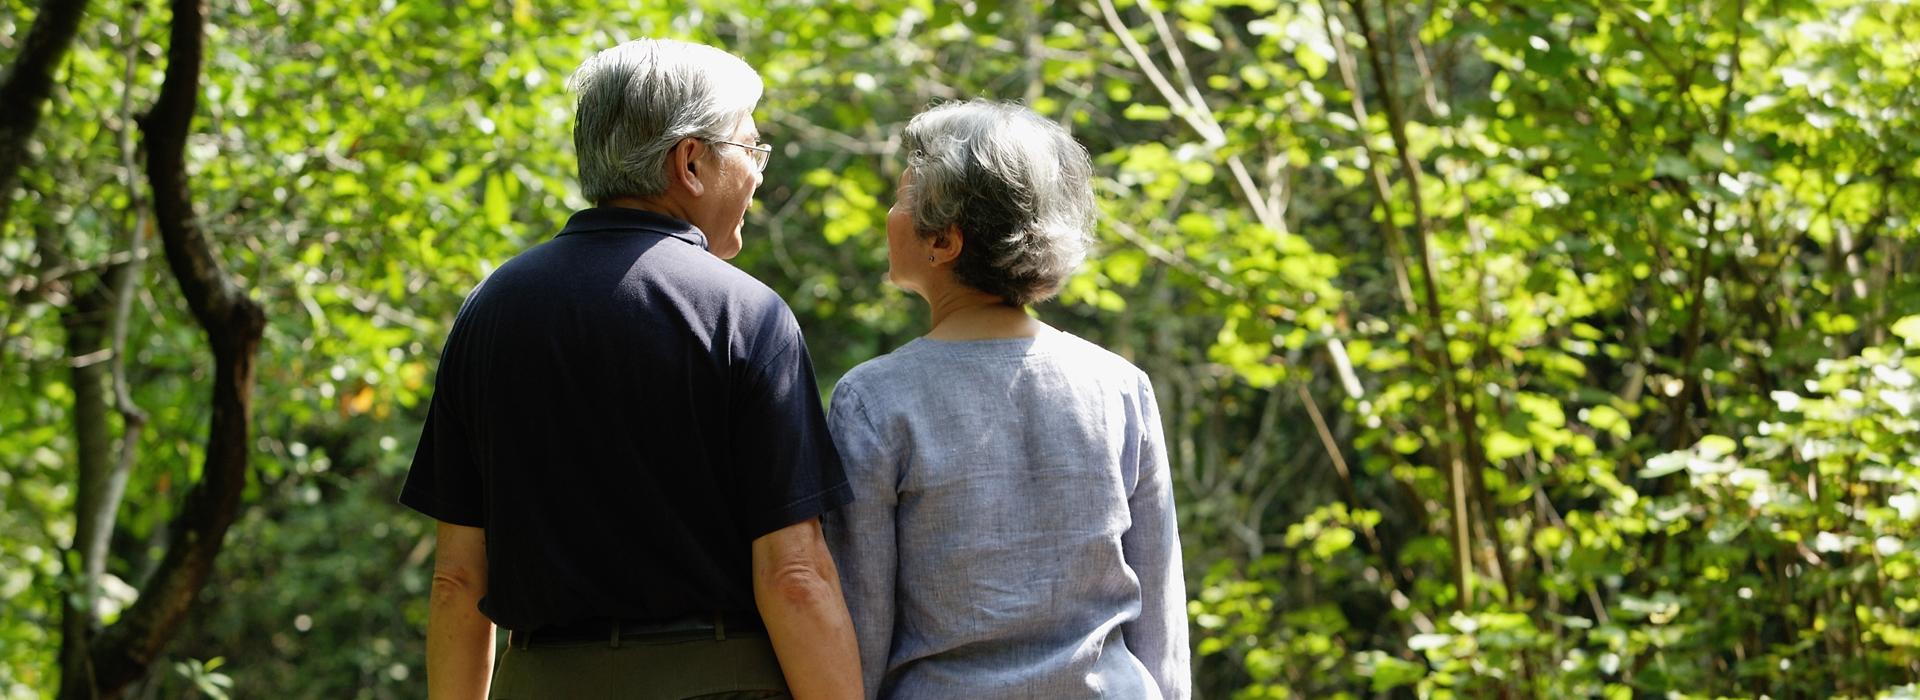 他50歲財富自由,退休在家卻被妻子形容成「大型垃圾」